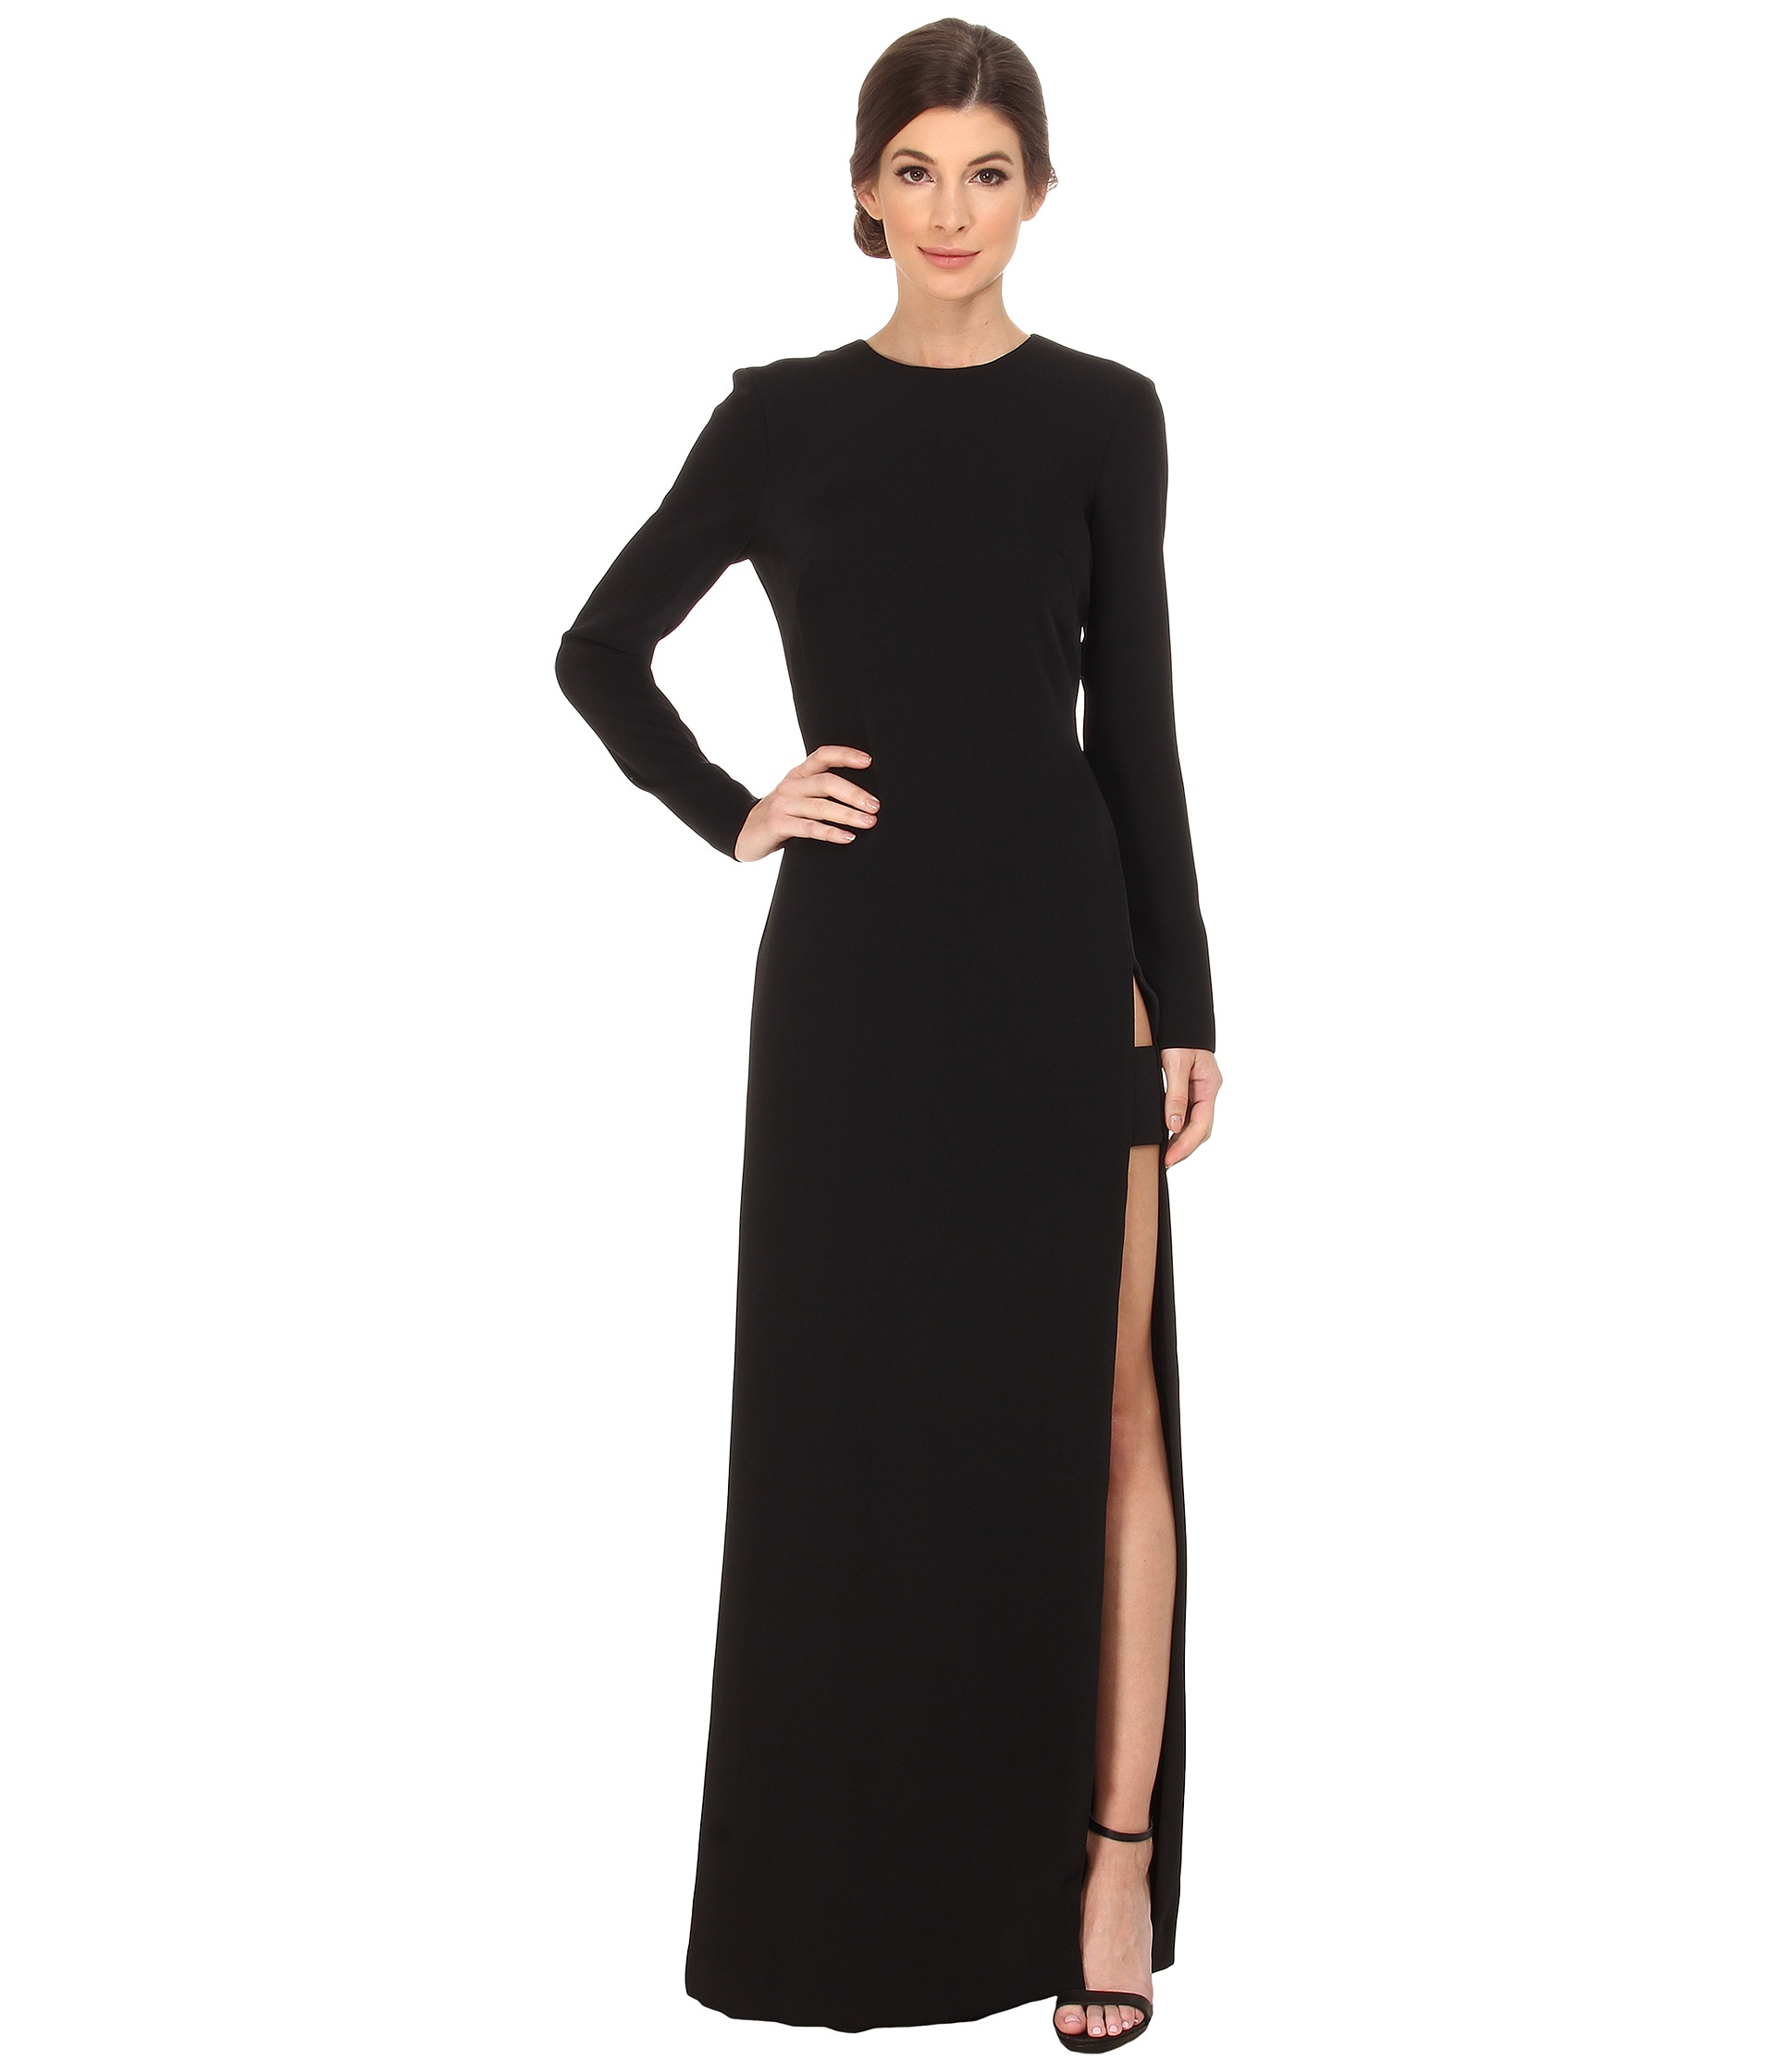 Lyst - Jill Jill Stuart Long Sleeve High Side Slit Gown in Black